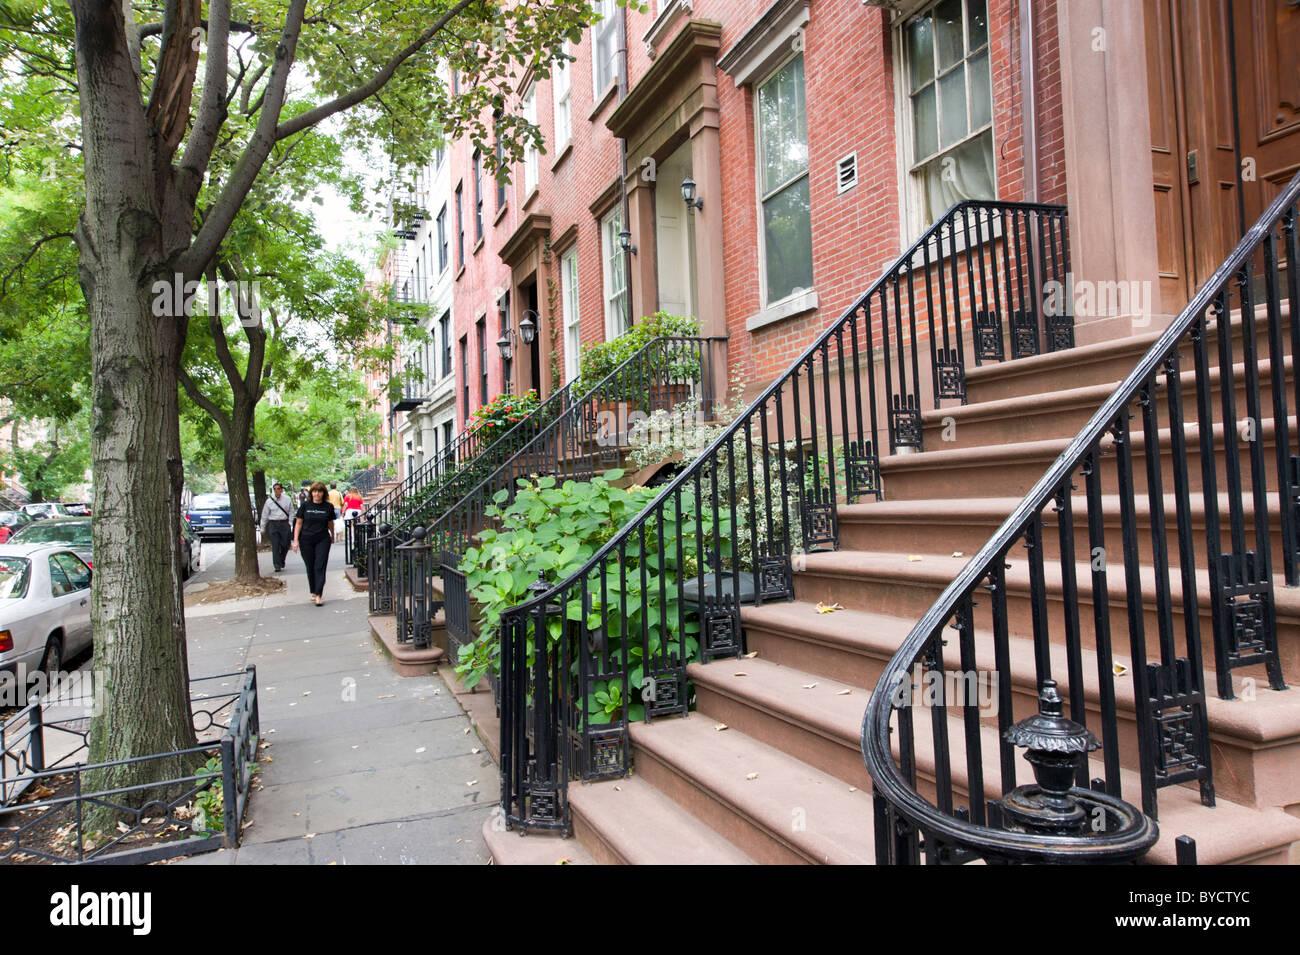 Wohnstraße in Chelsea, New York City, Amerika, USA Stockbild